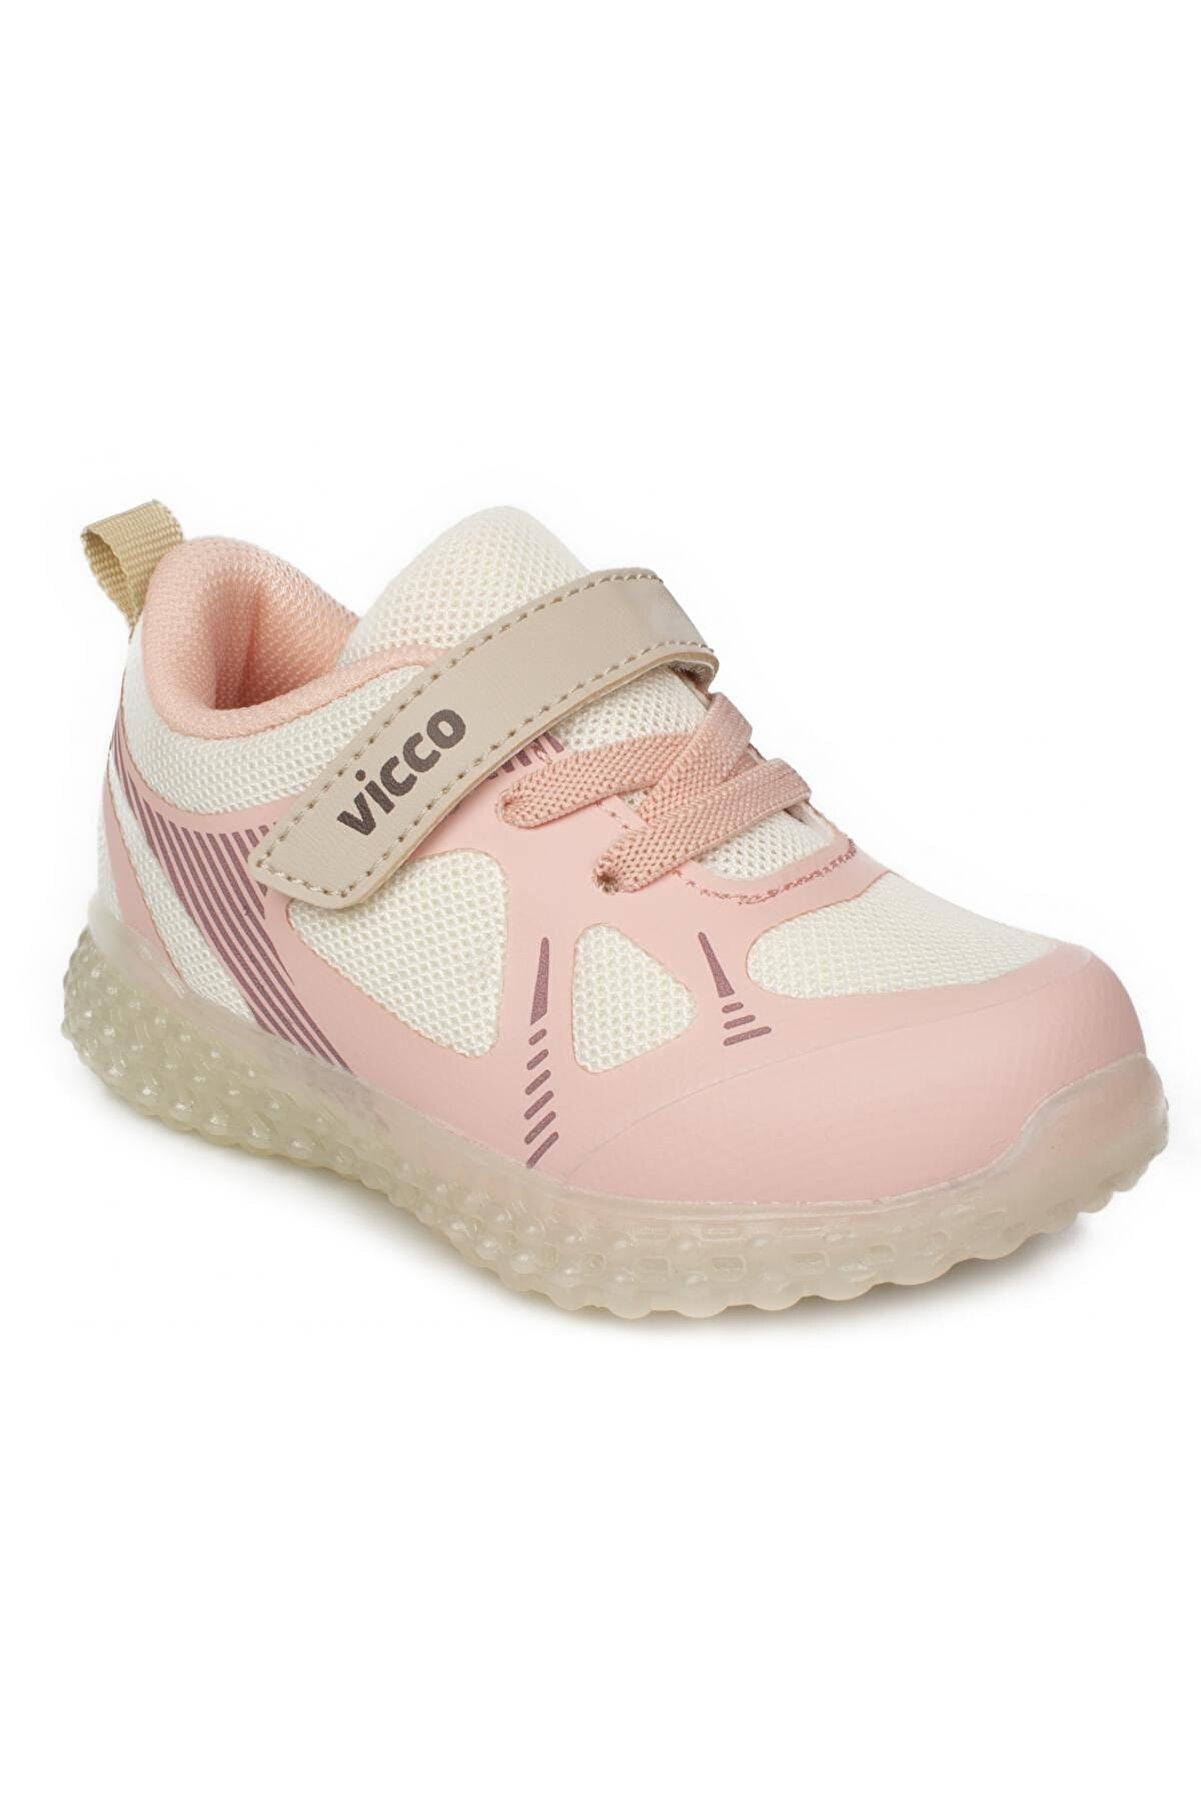 Vicco Çocuk Işıklı  Spor Ayakkabı